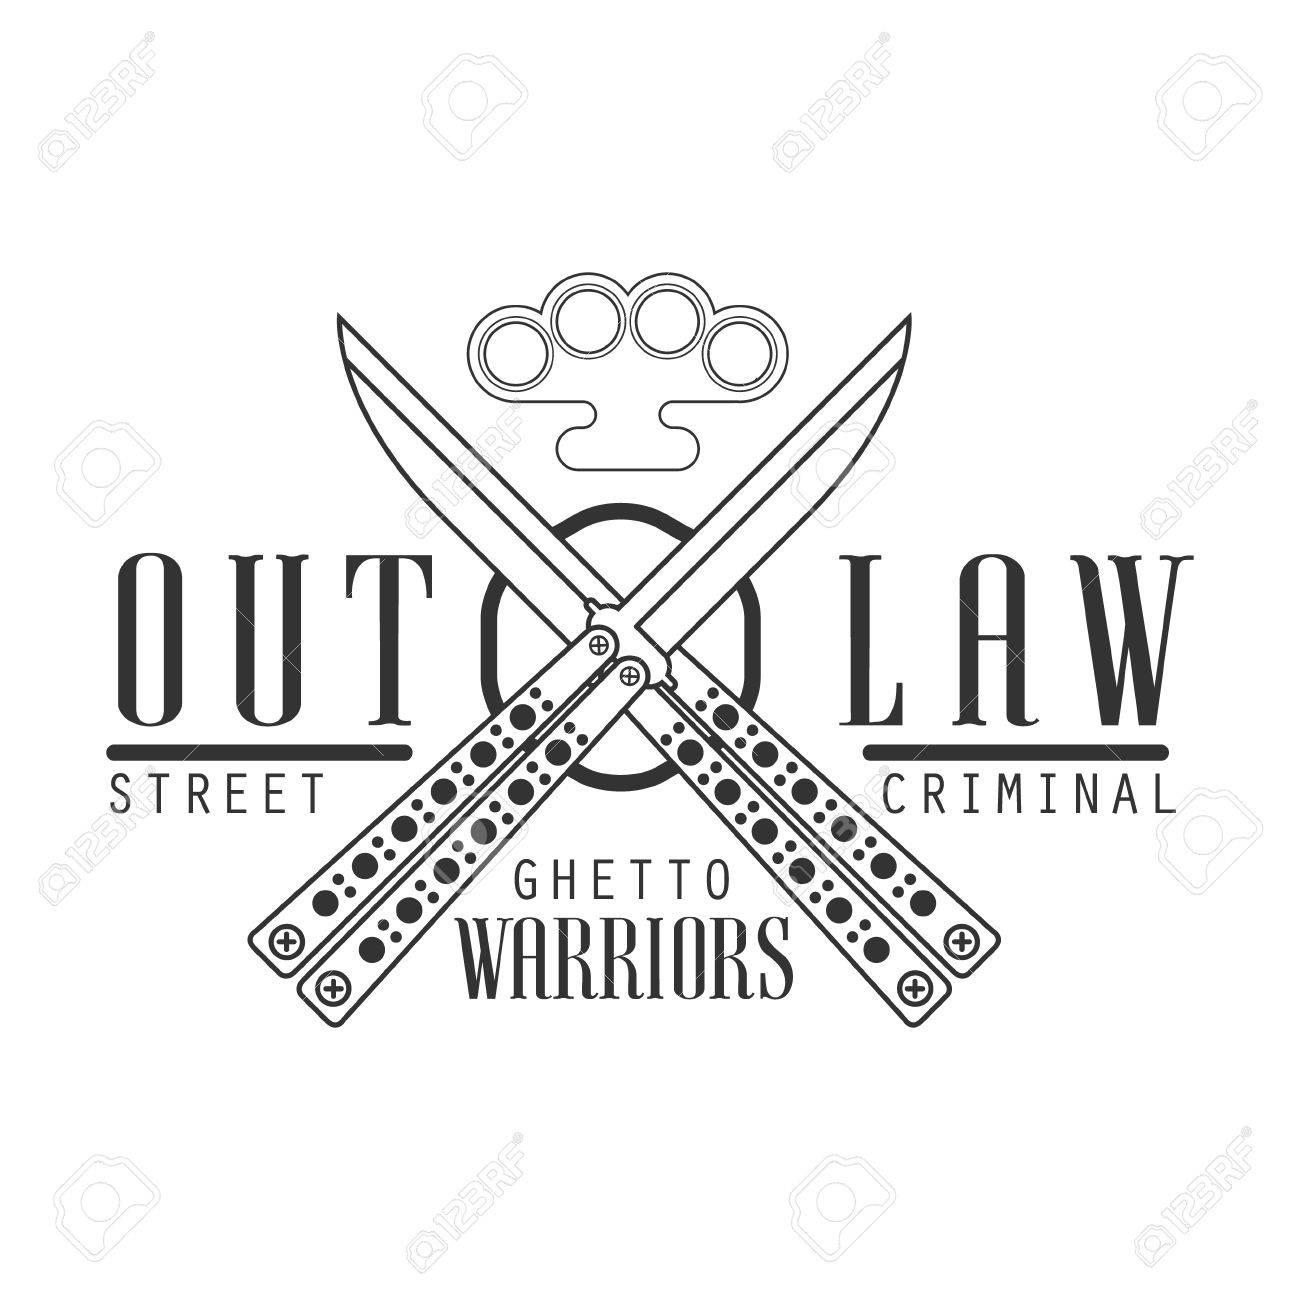 Criminal Outlaw Street Club Schwarz-Weiß-Zeichen Design-Vorlage Mit ...